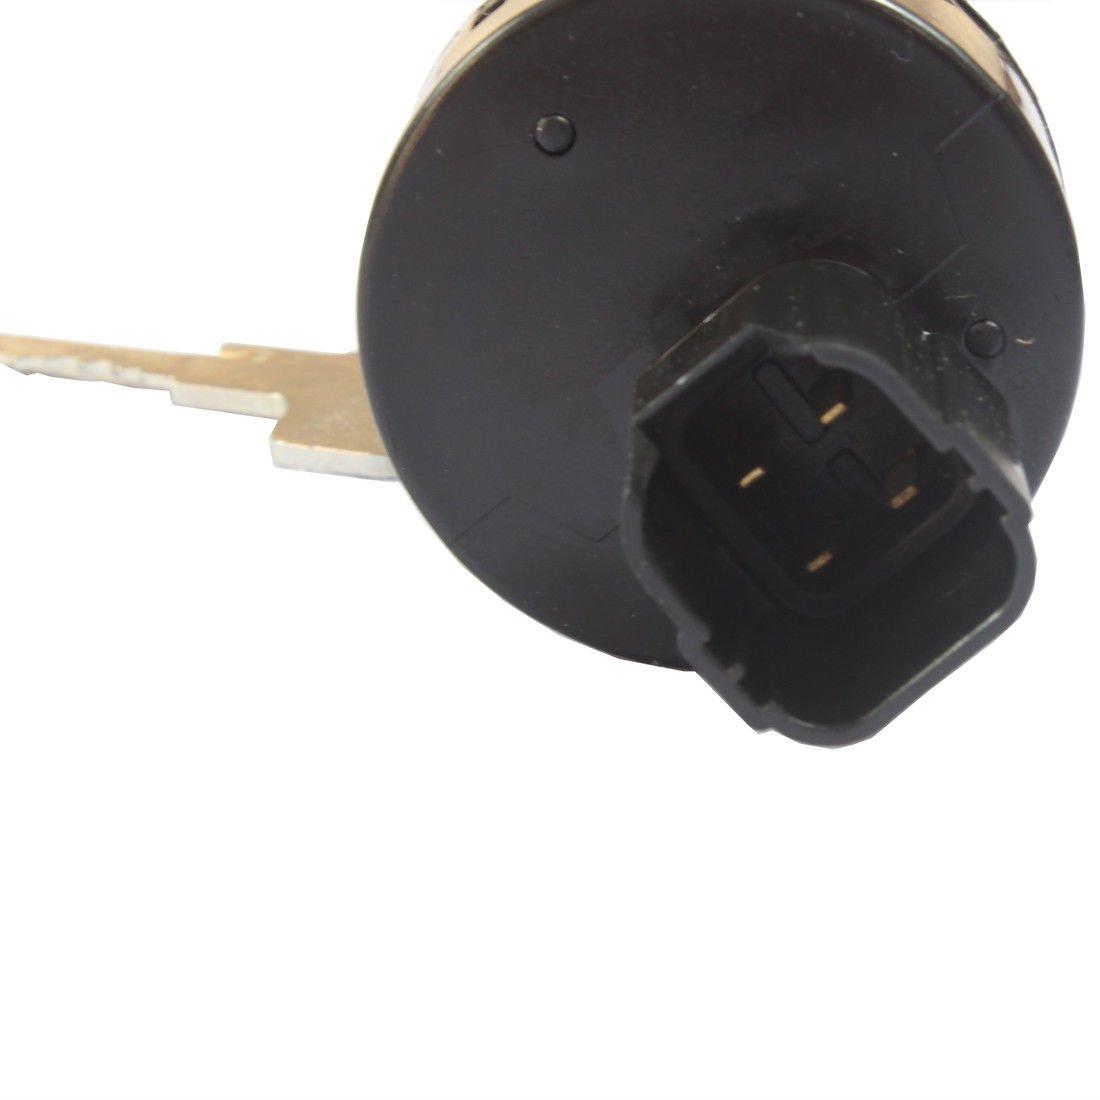 ltd Key On Off Ignition Switch for Yamaha Rhino YXR450 YXR660 YXR700 450 660 700 An liang Industry co